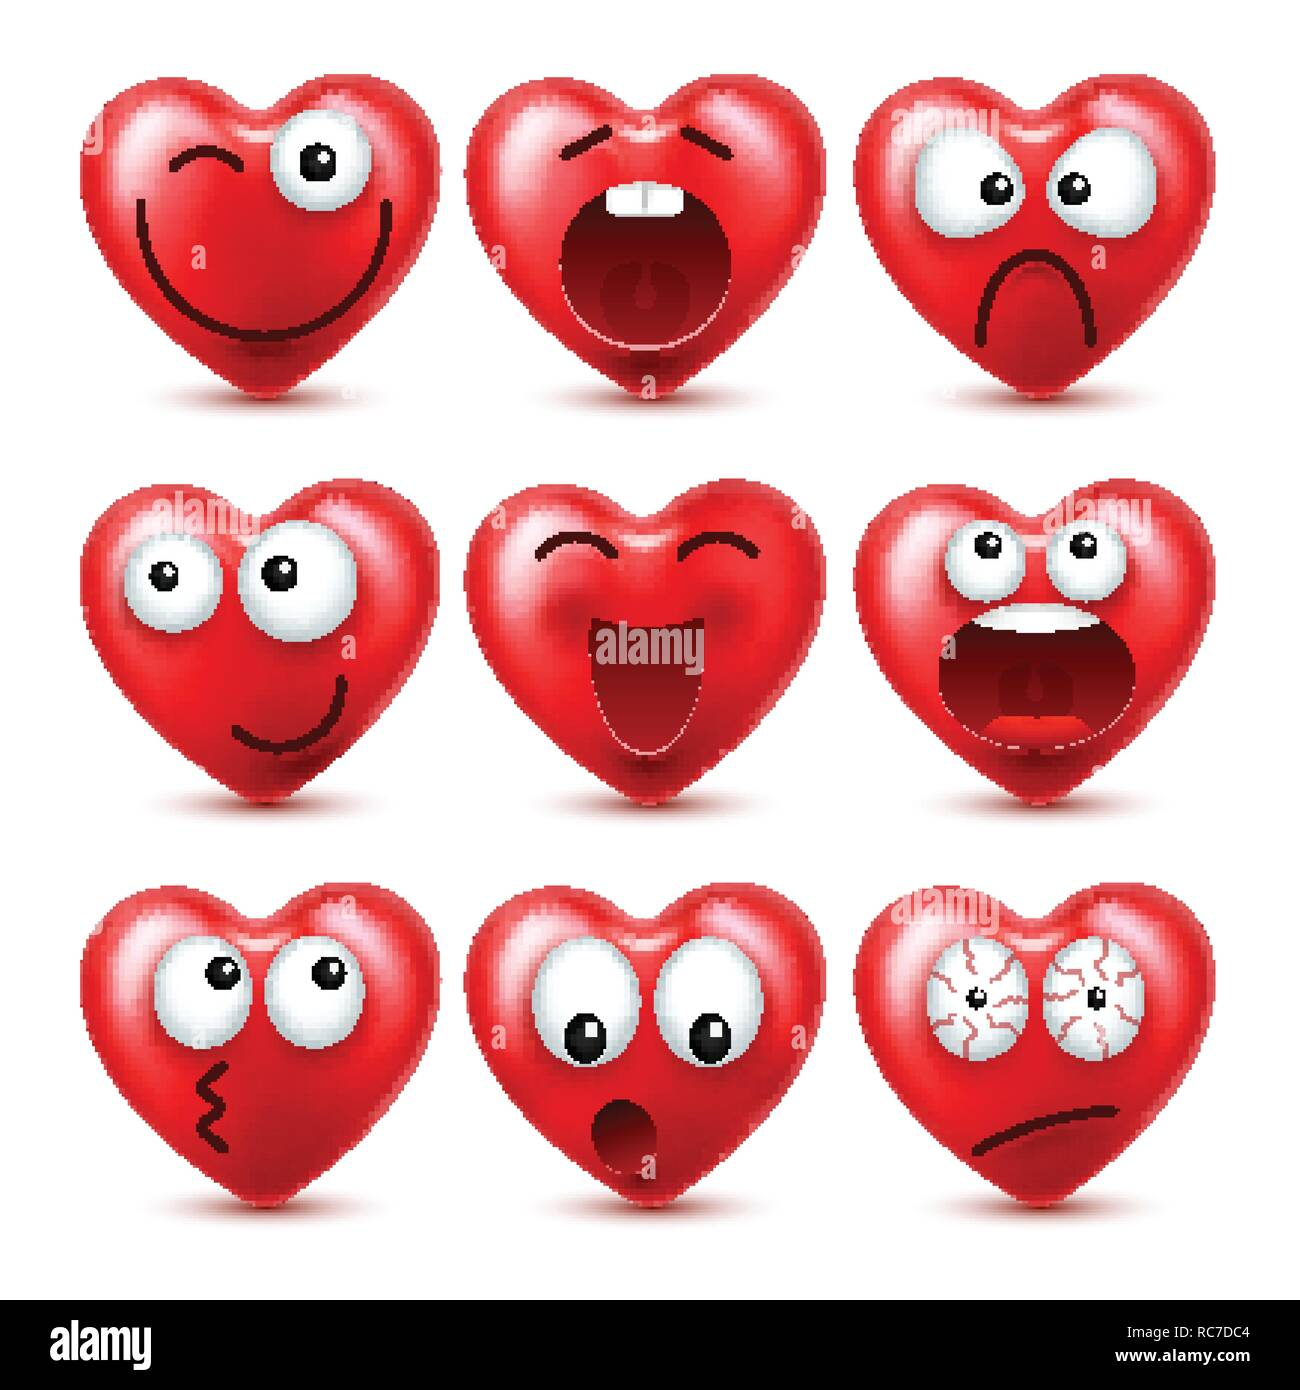 Herz Smiley Emoji Vektor einrichten für Valentines Tag